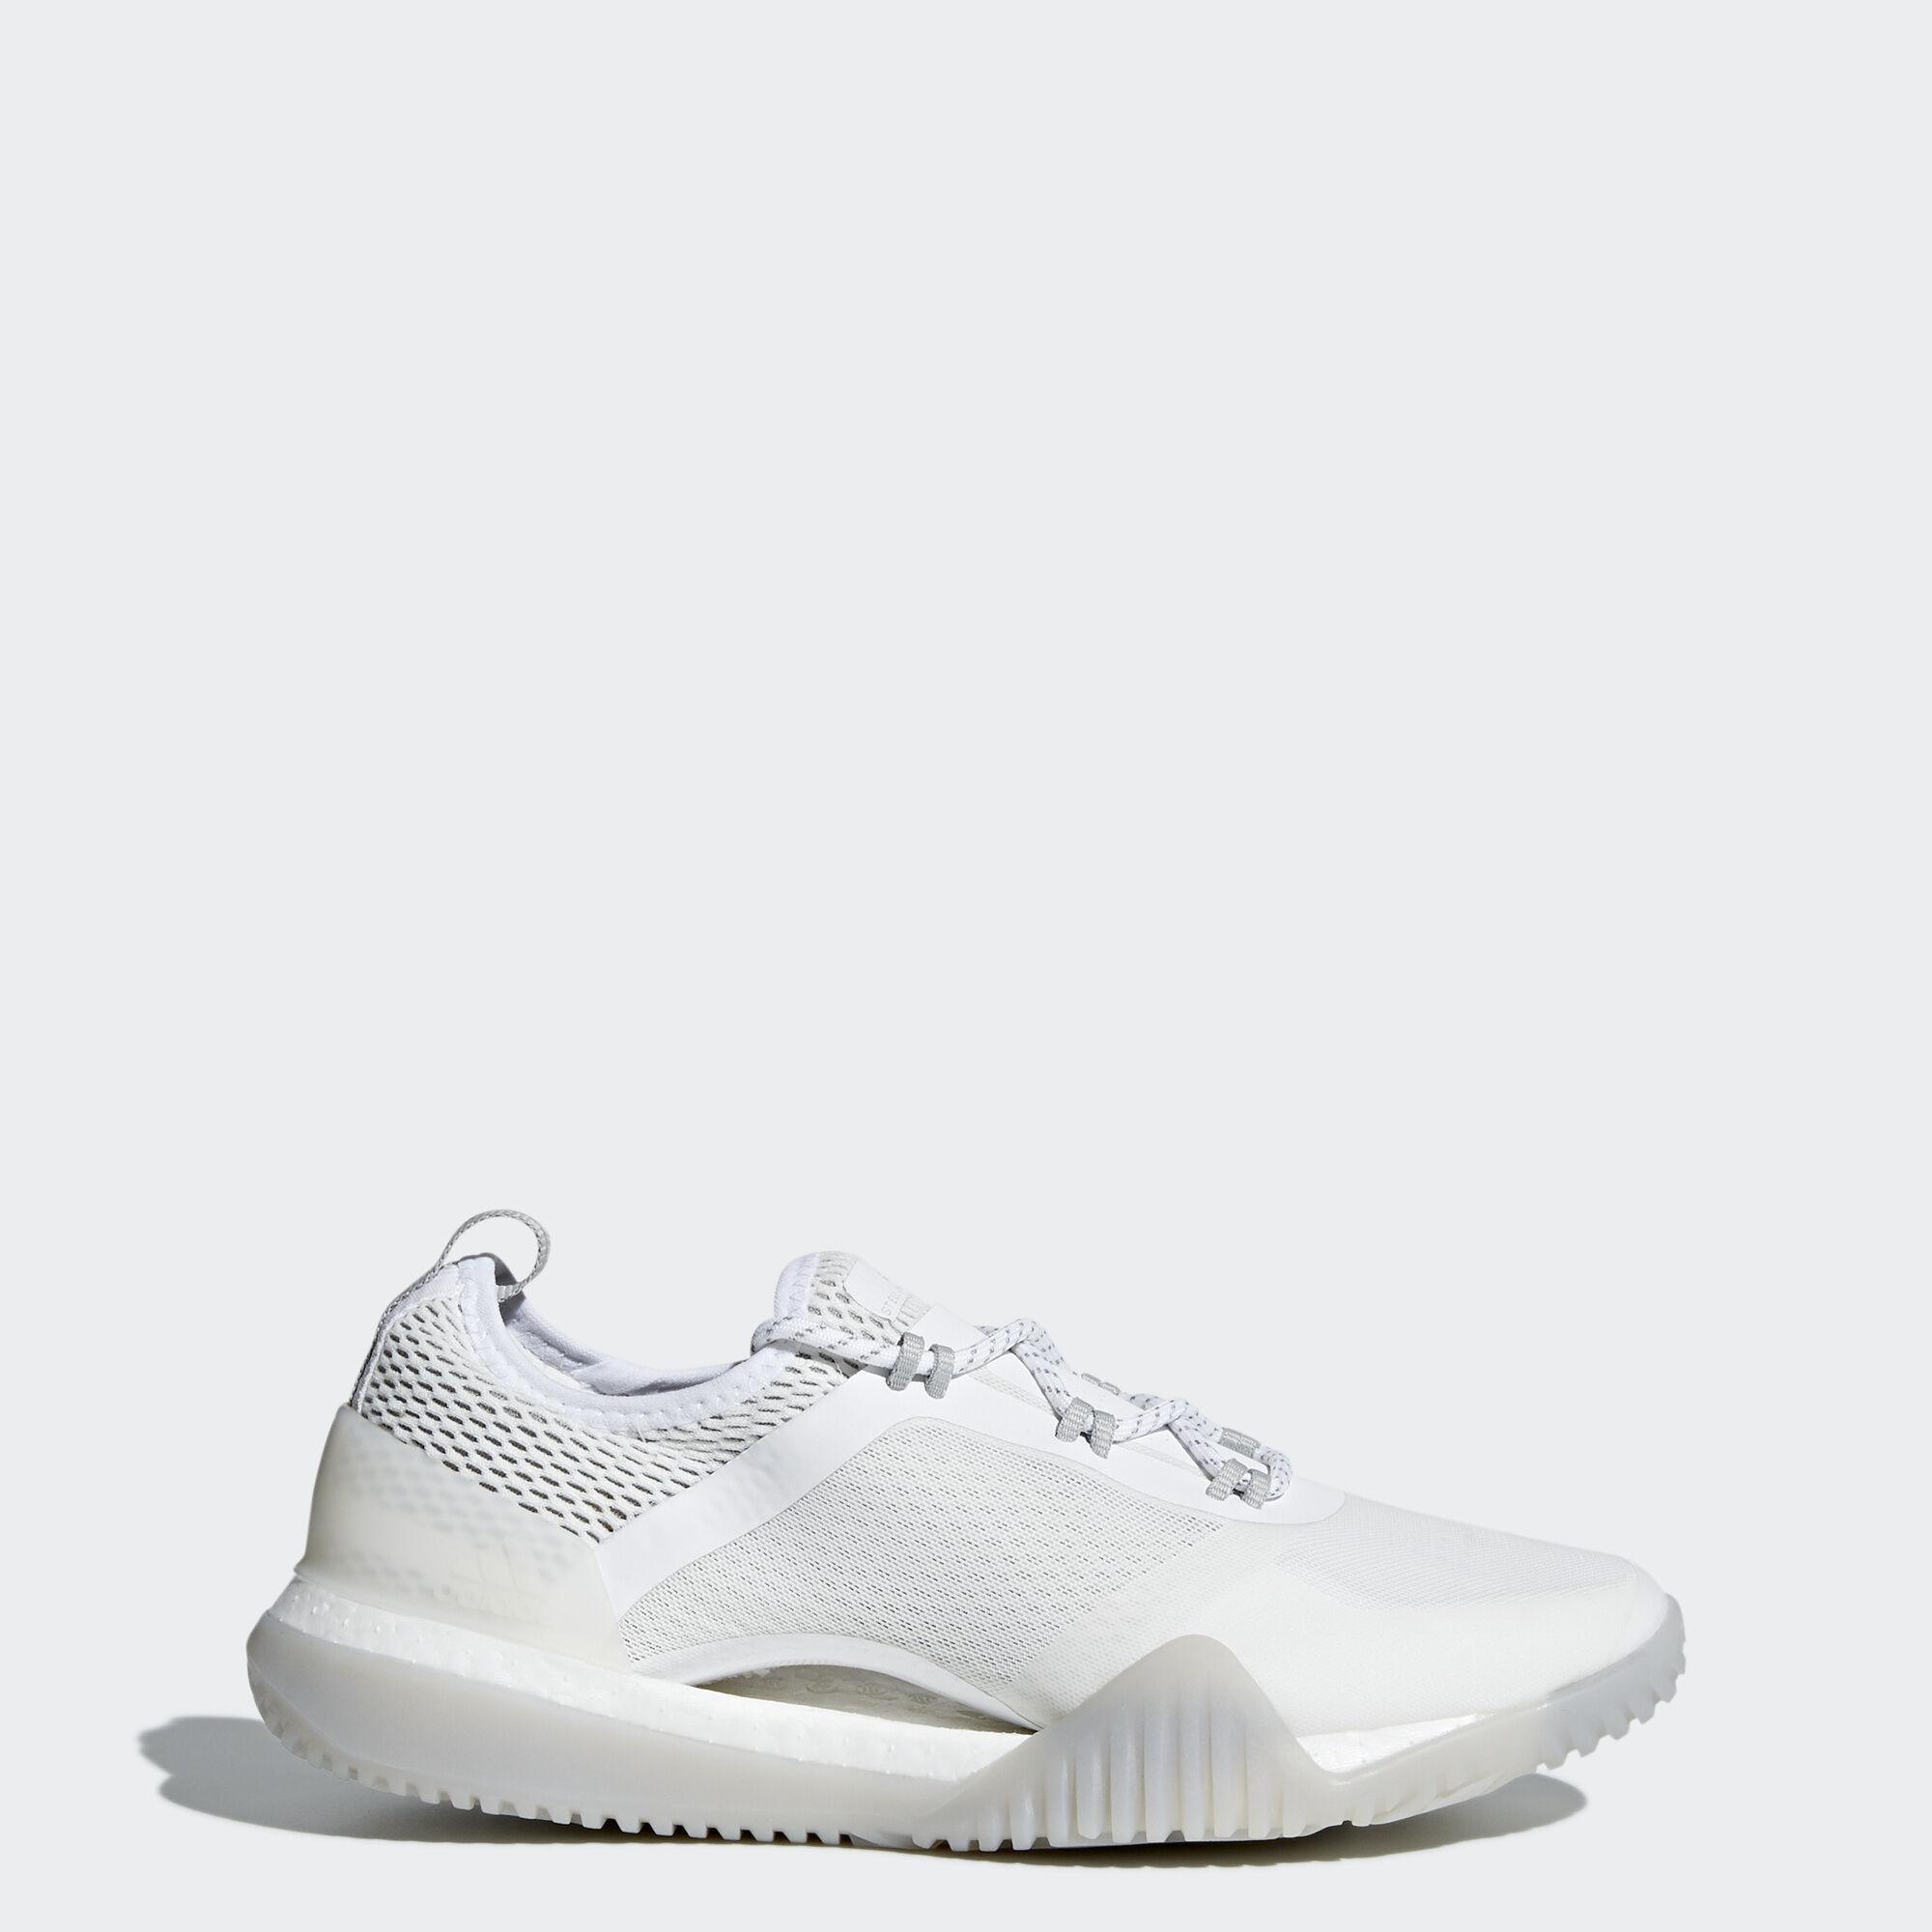 adidas - Pureboost X TR 3.0 Shoes Core White / Stone / Core Black BB6242 ...